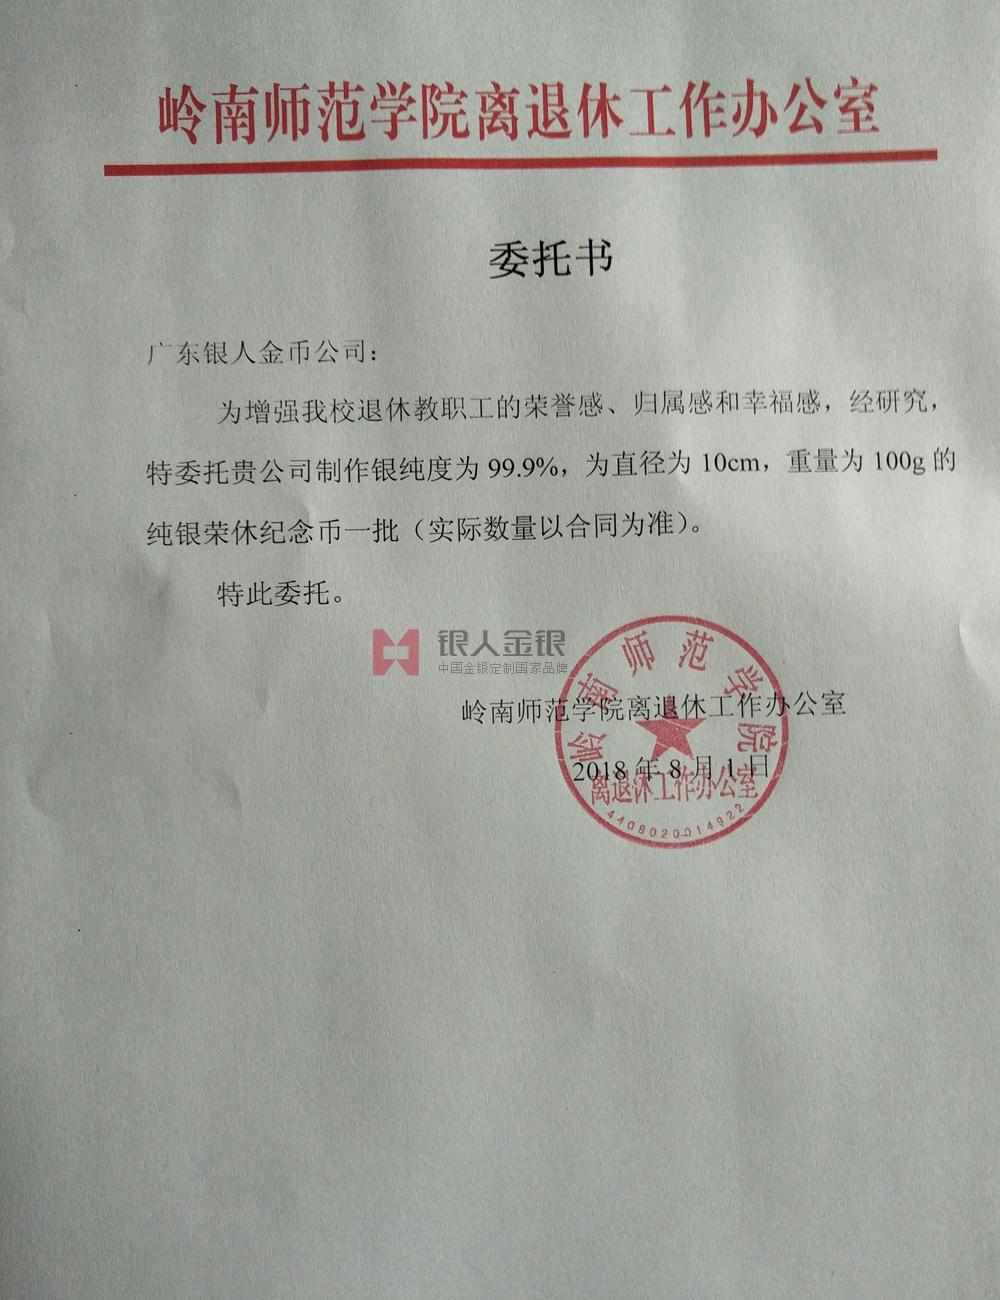 岭南师范学院教师退休荣誉纪念章万博体育app官方下载